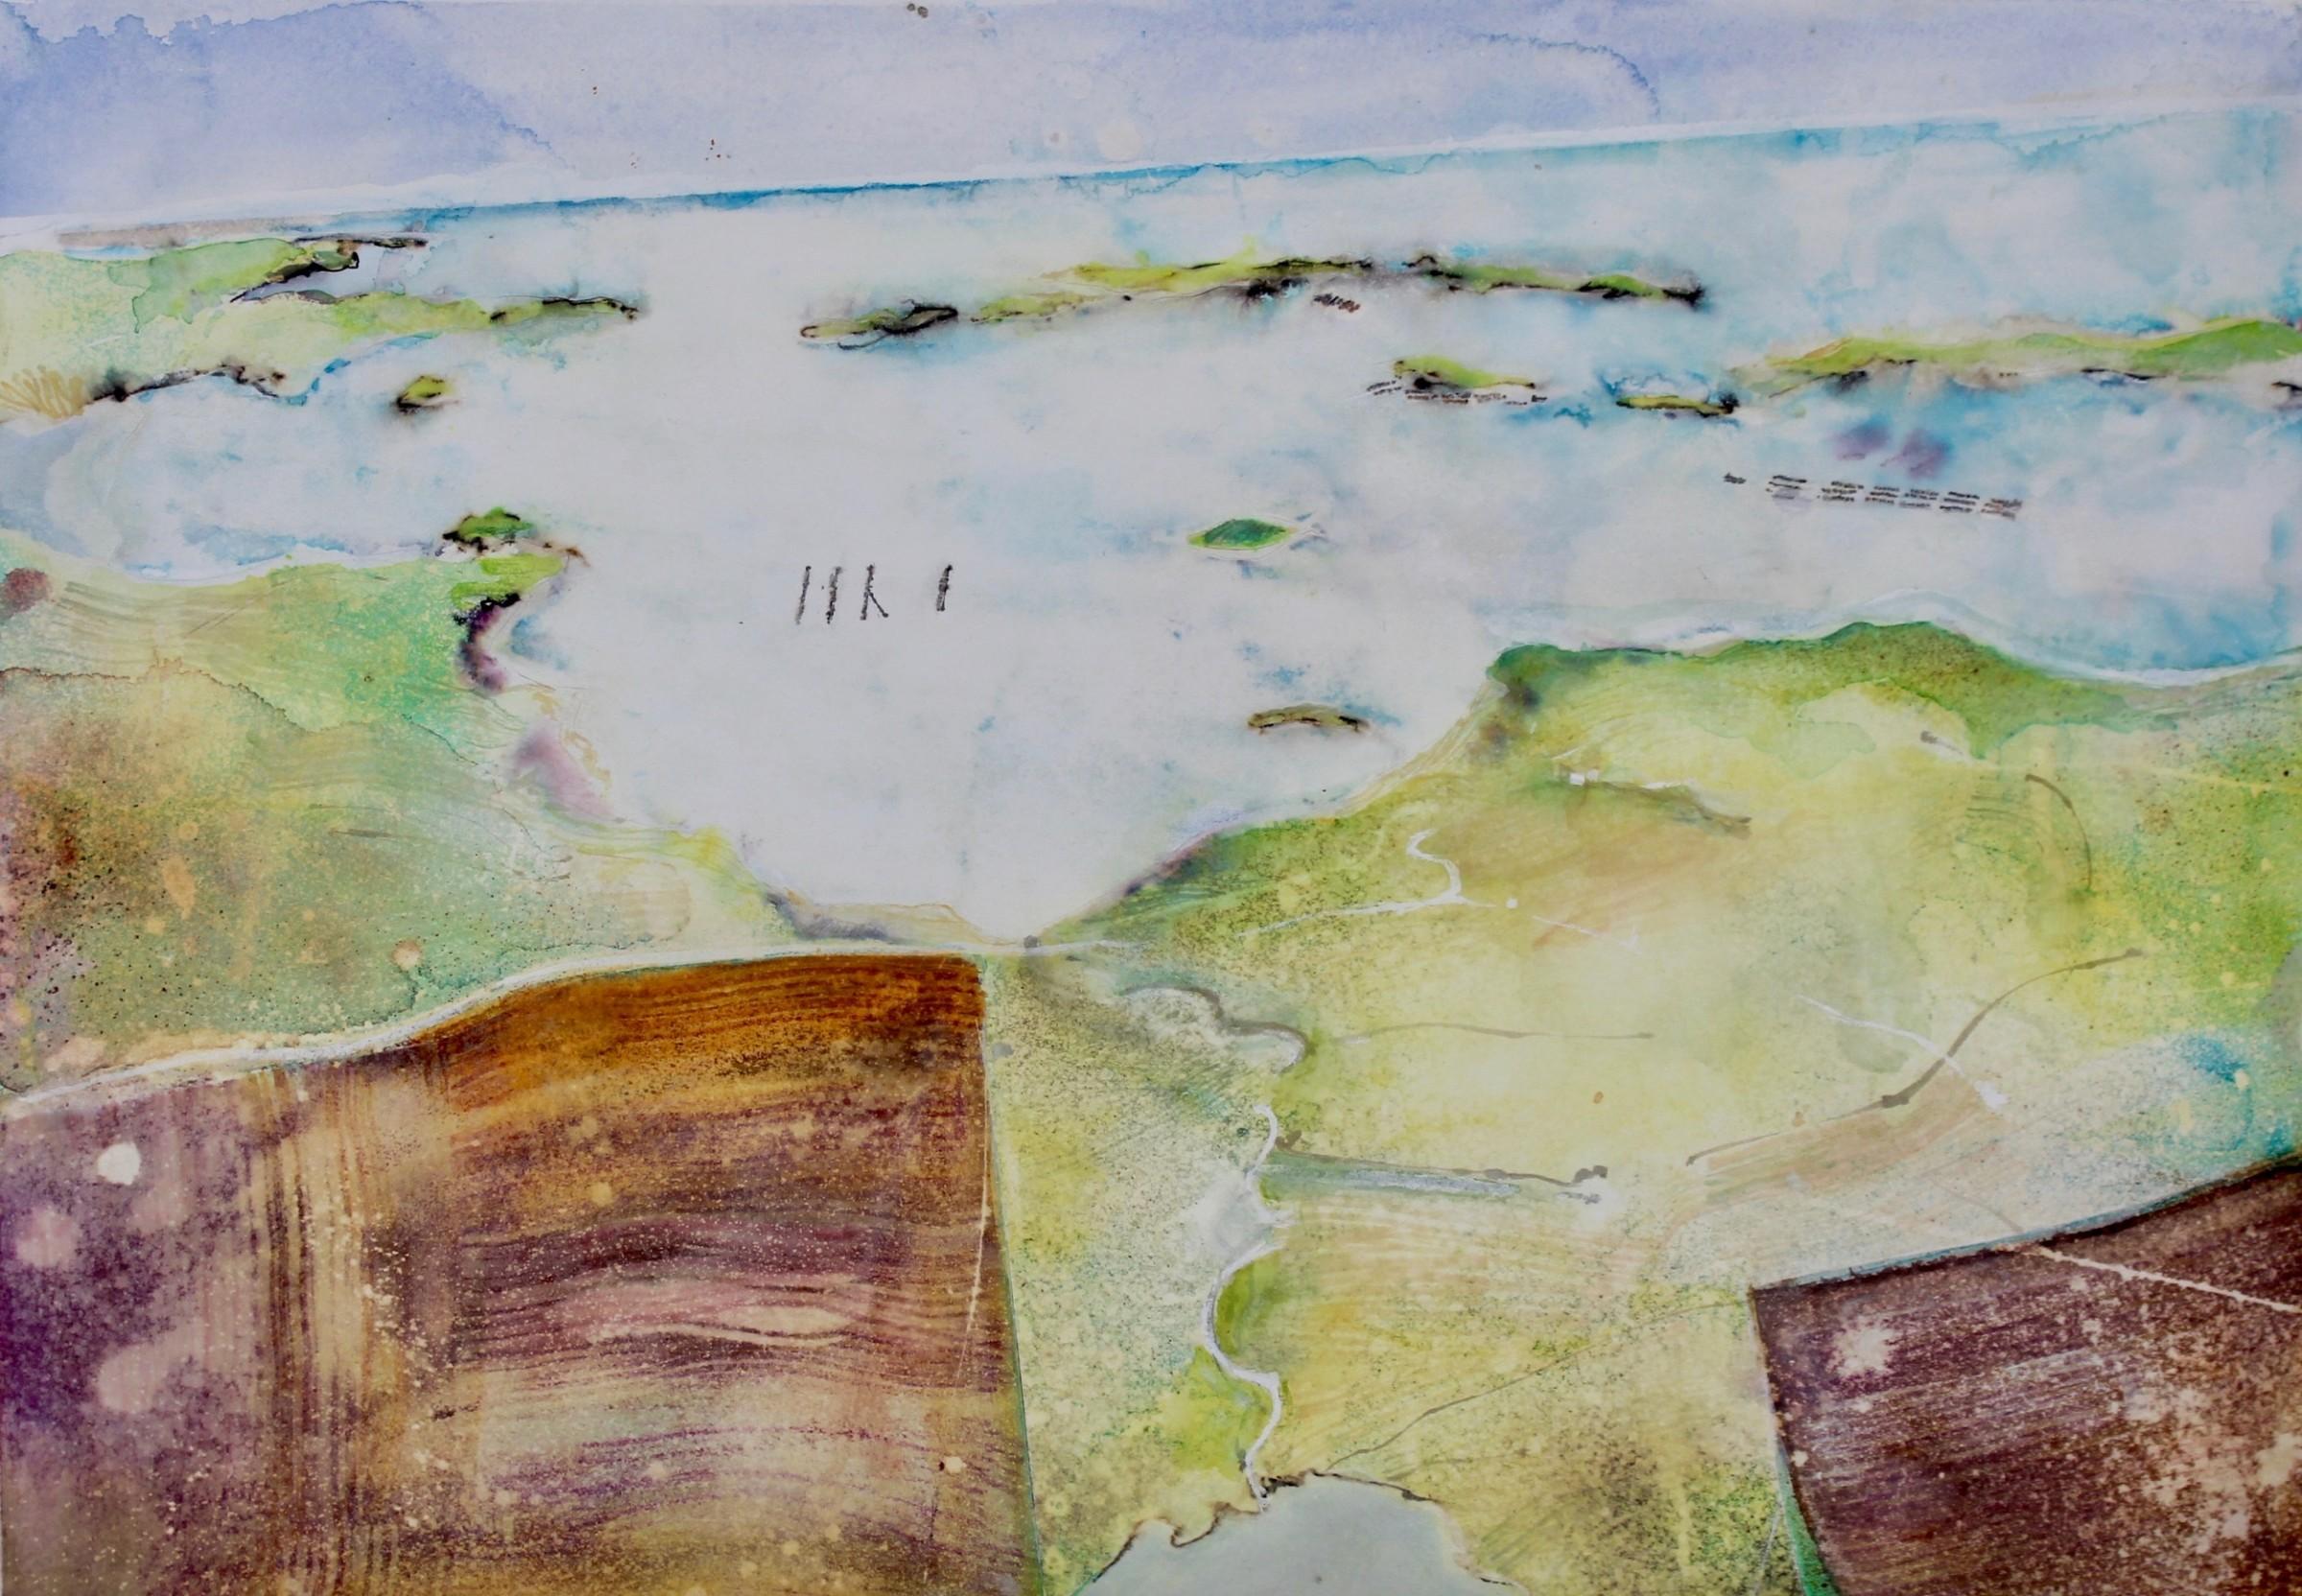 <span class=&#34;link fancybox-details-link&#34;><a href=&#34;/exhibitions/24/works/artworks_standalone10711/&#34;>View Detail Page</a></span><div class=&#34;artist&#34;><span class=&#34;artist&#34;><strong>David Hamilton</strong></span></div><div class=&#34;title&#34;><em>Over Shetland</em></div><div class=&#34;medium&#34;>watercolour, gouache & ink</div><div class=&#34;dimensions&#34;>50 x 70cm</div>